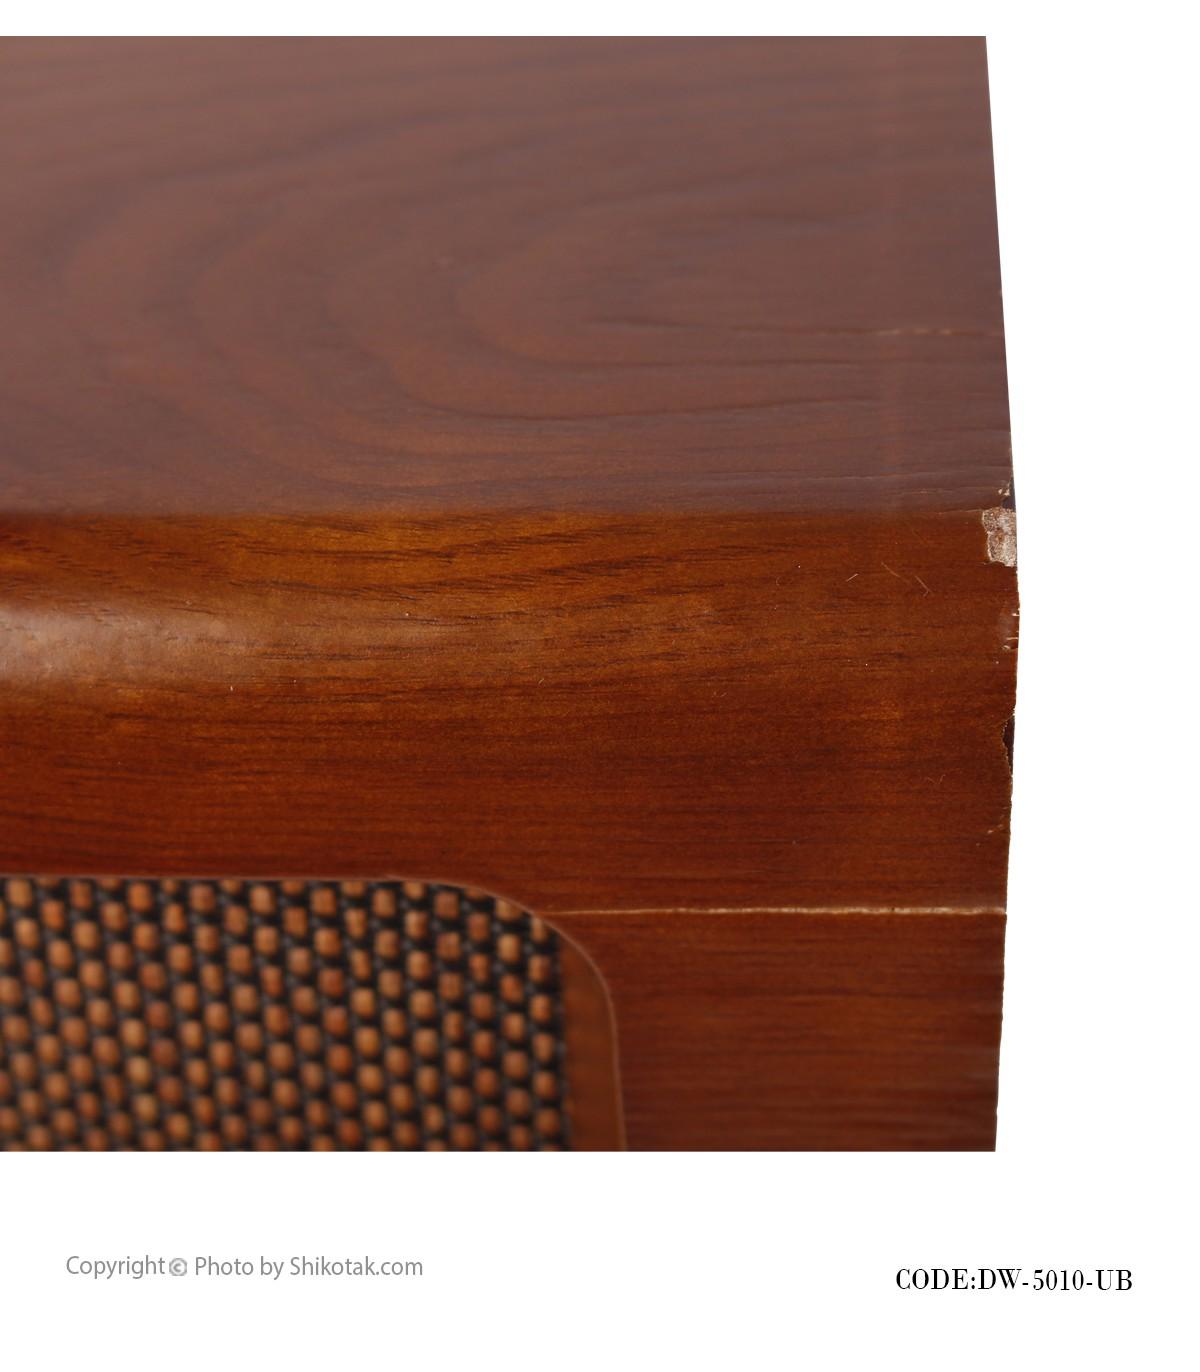 نمای نزدیک بدنه چوبی رایدو کلاسیک برنارد